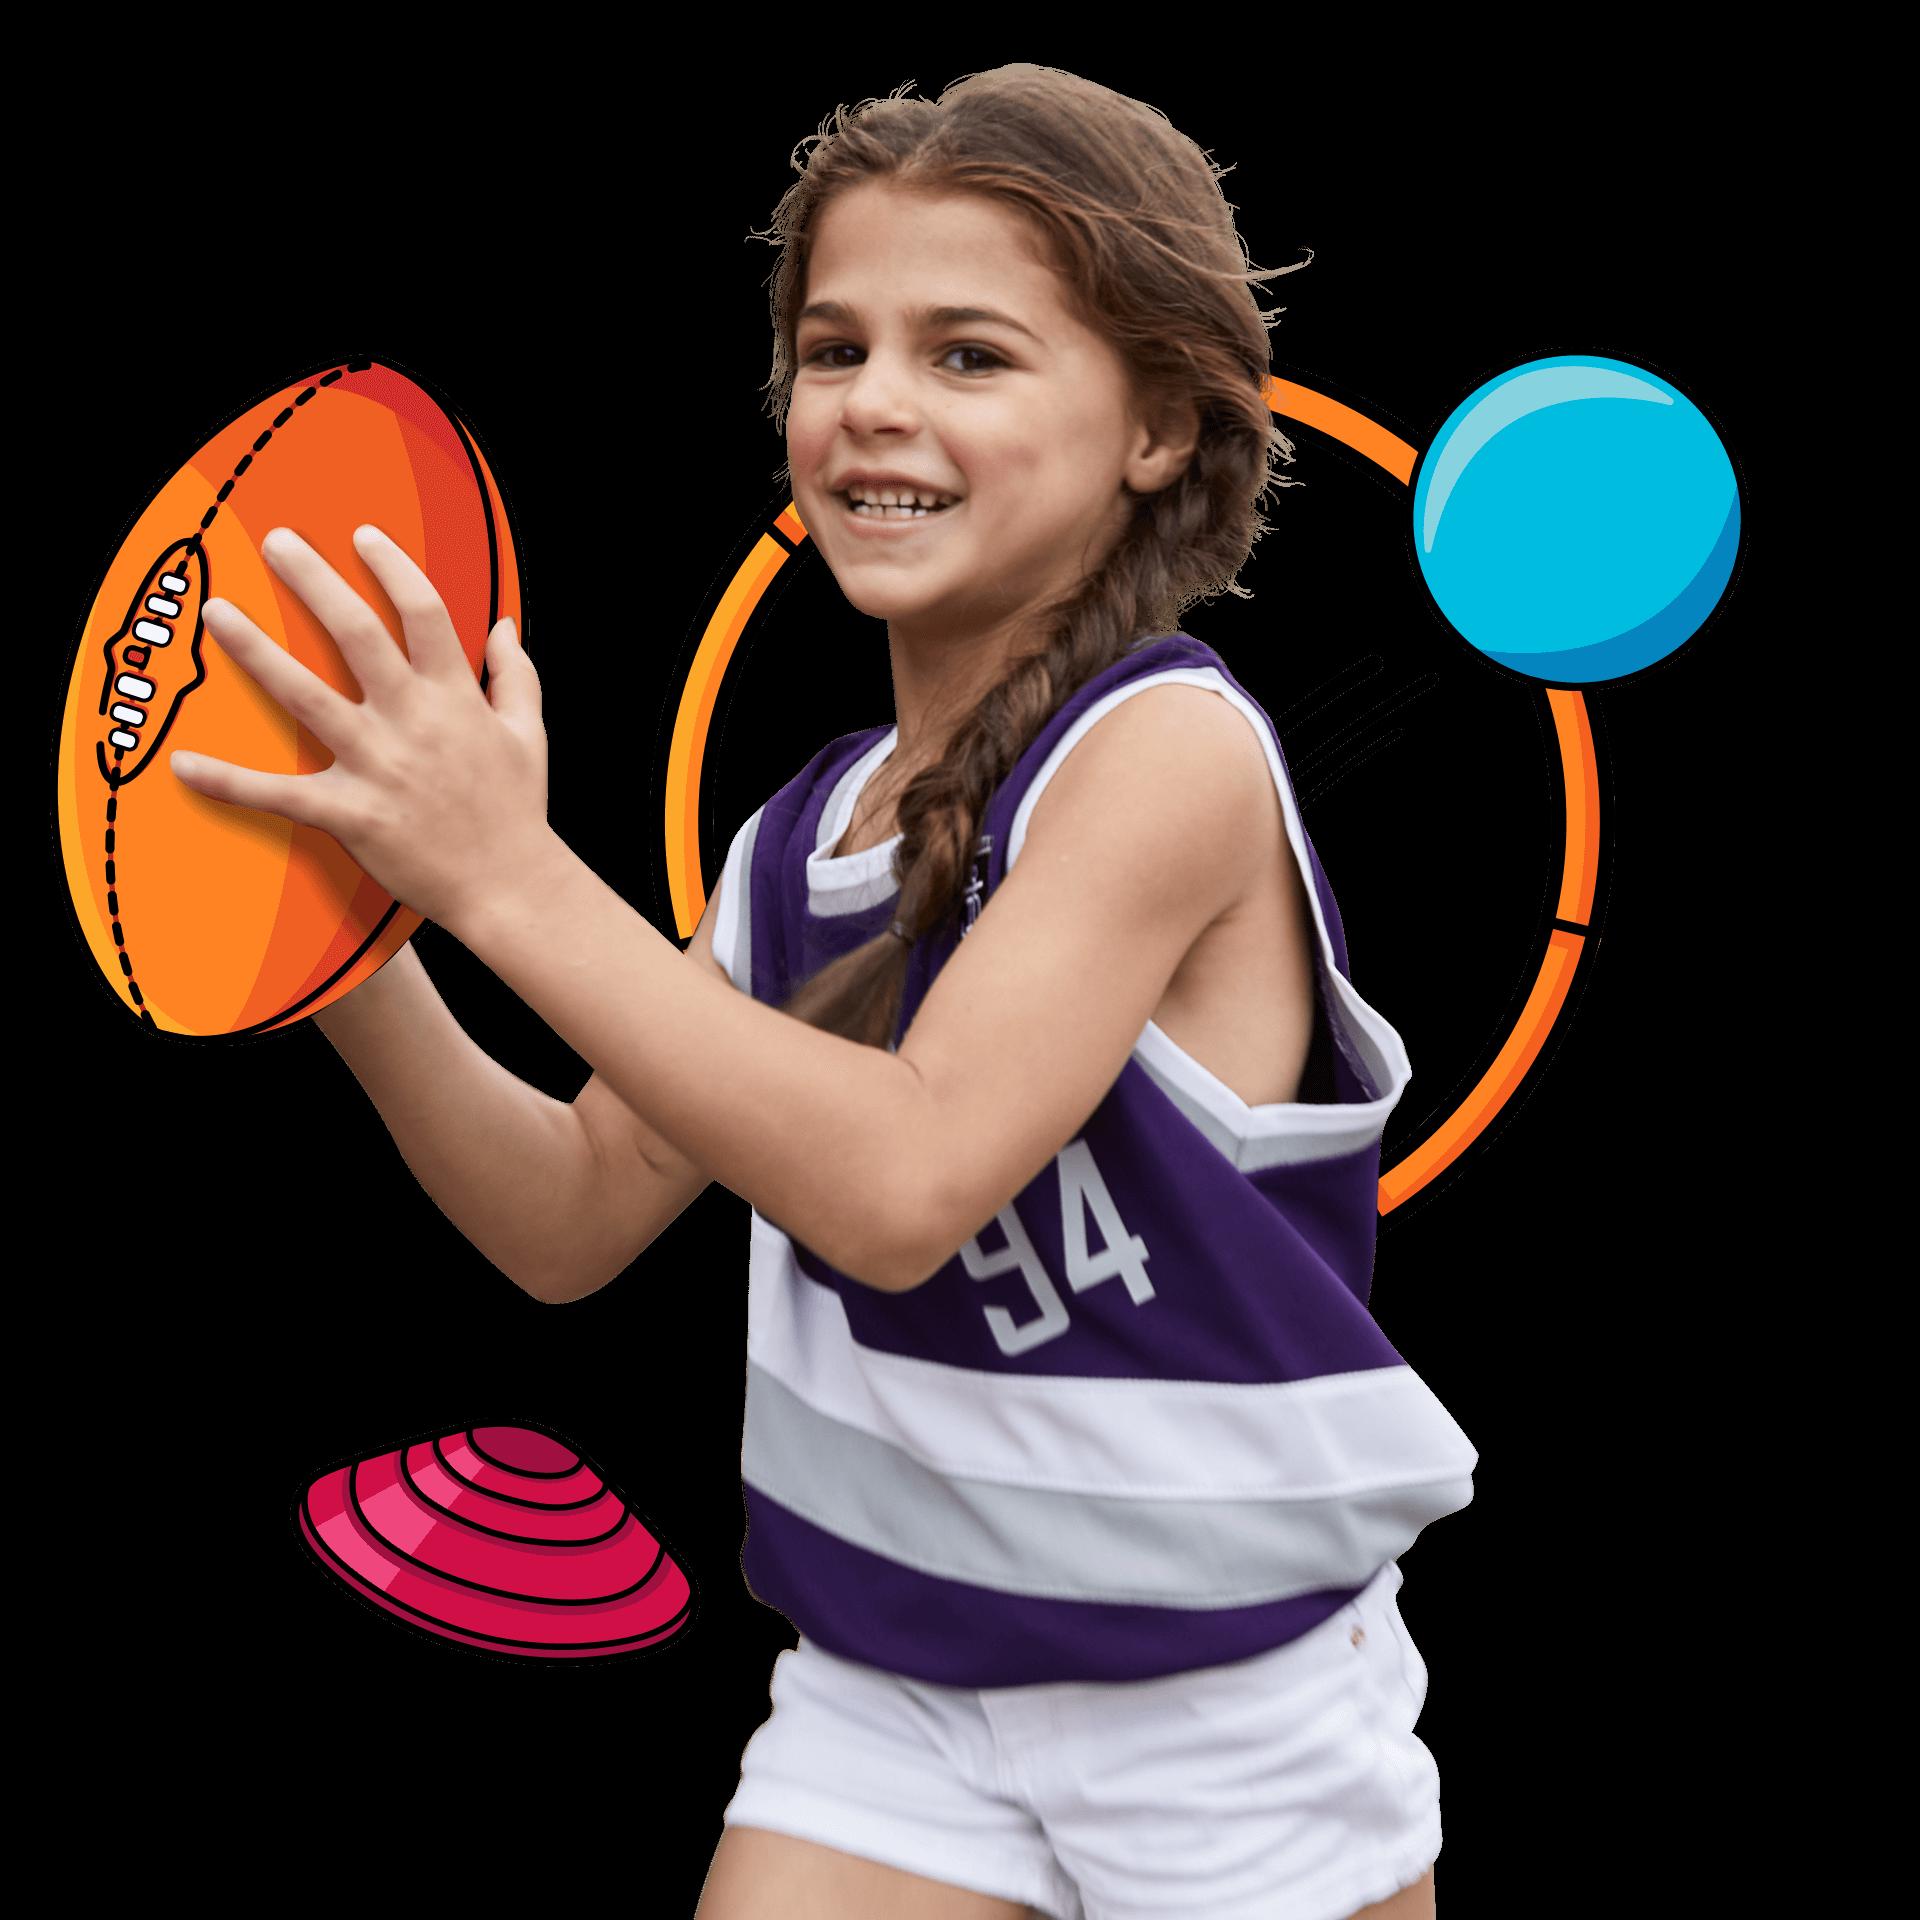 A girl catching a ball!